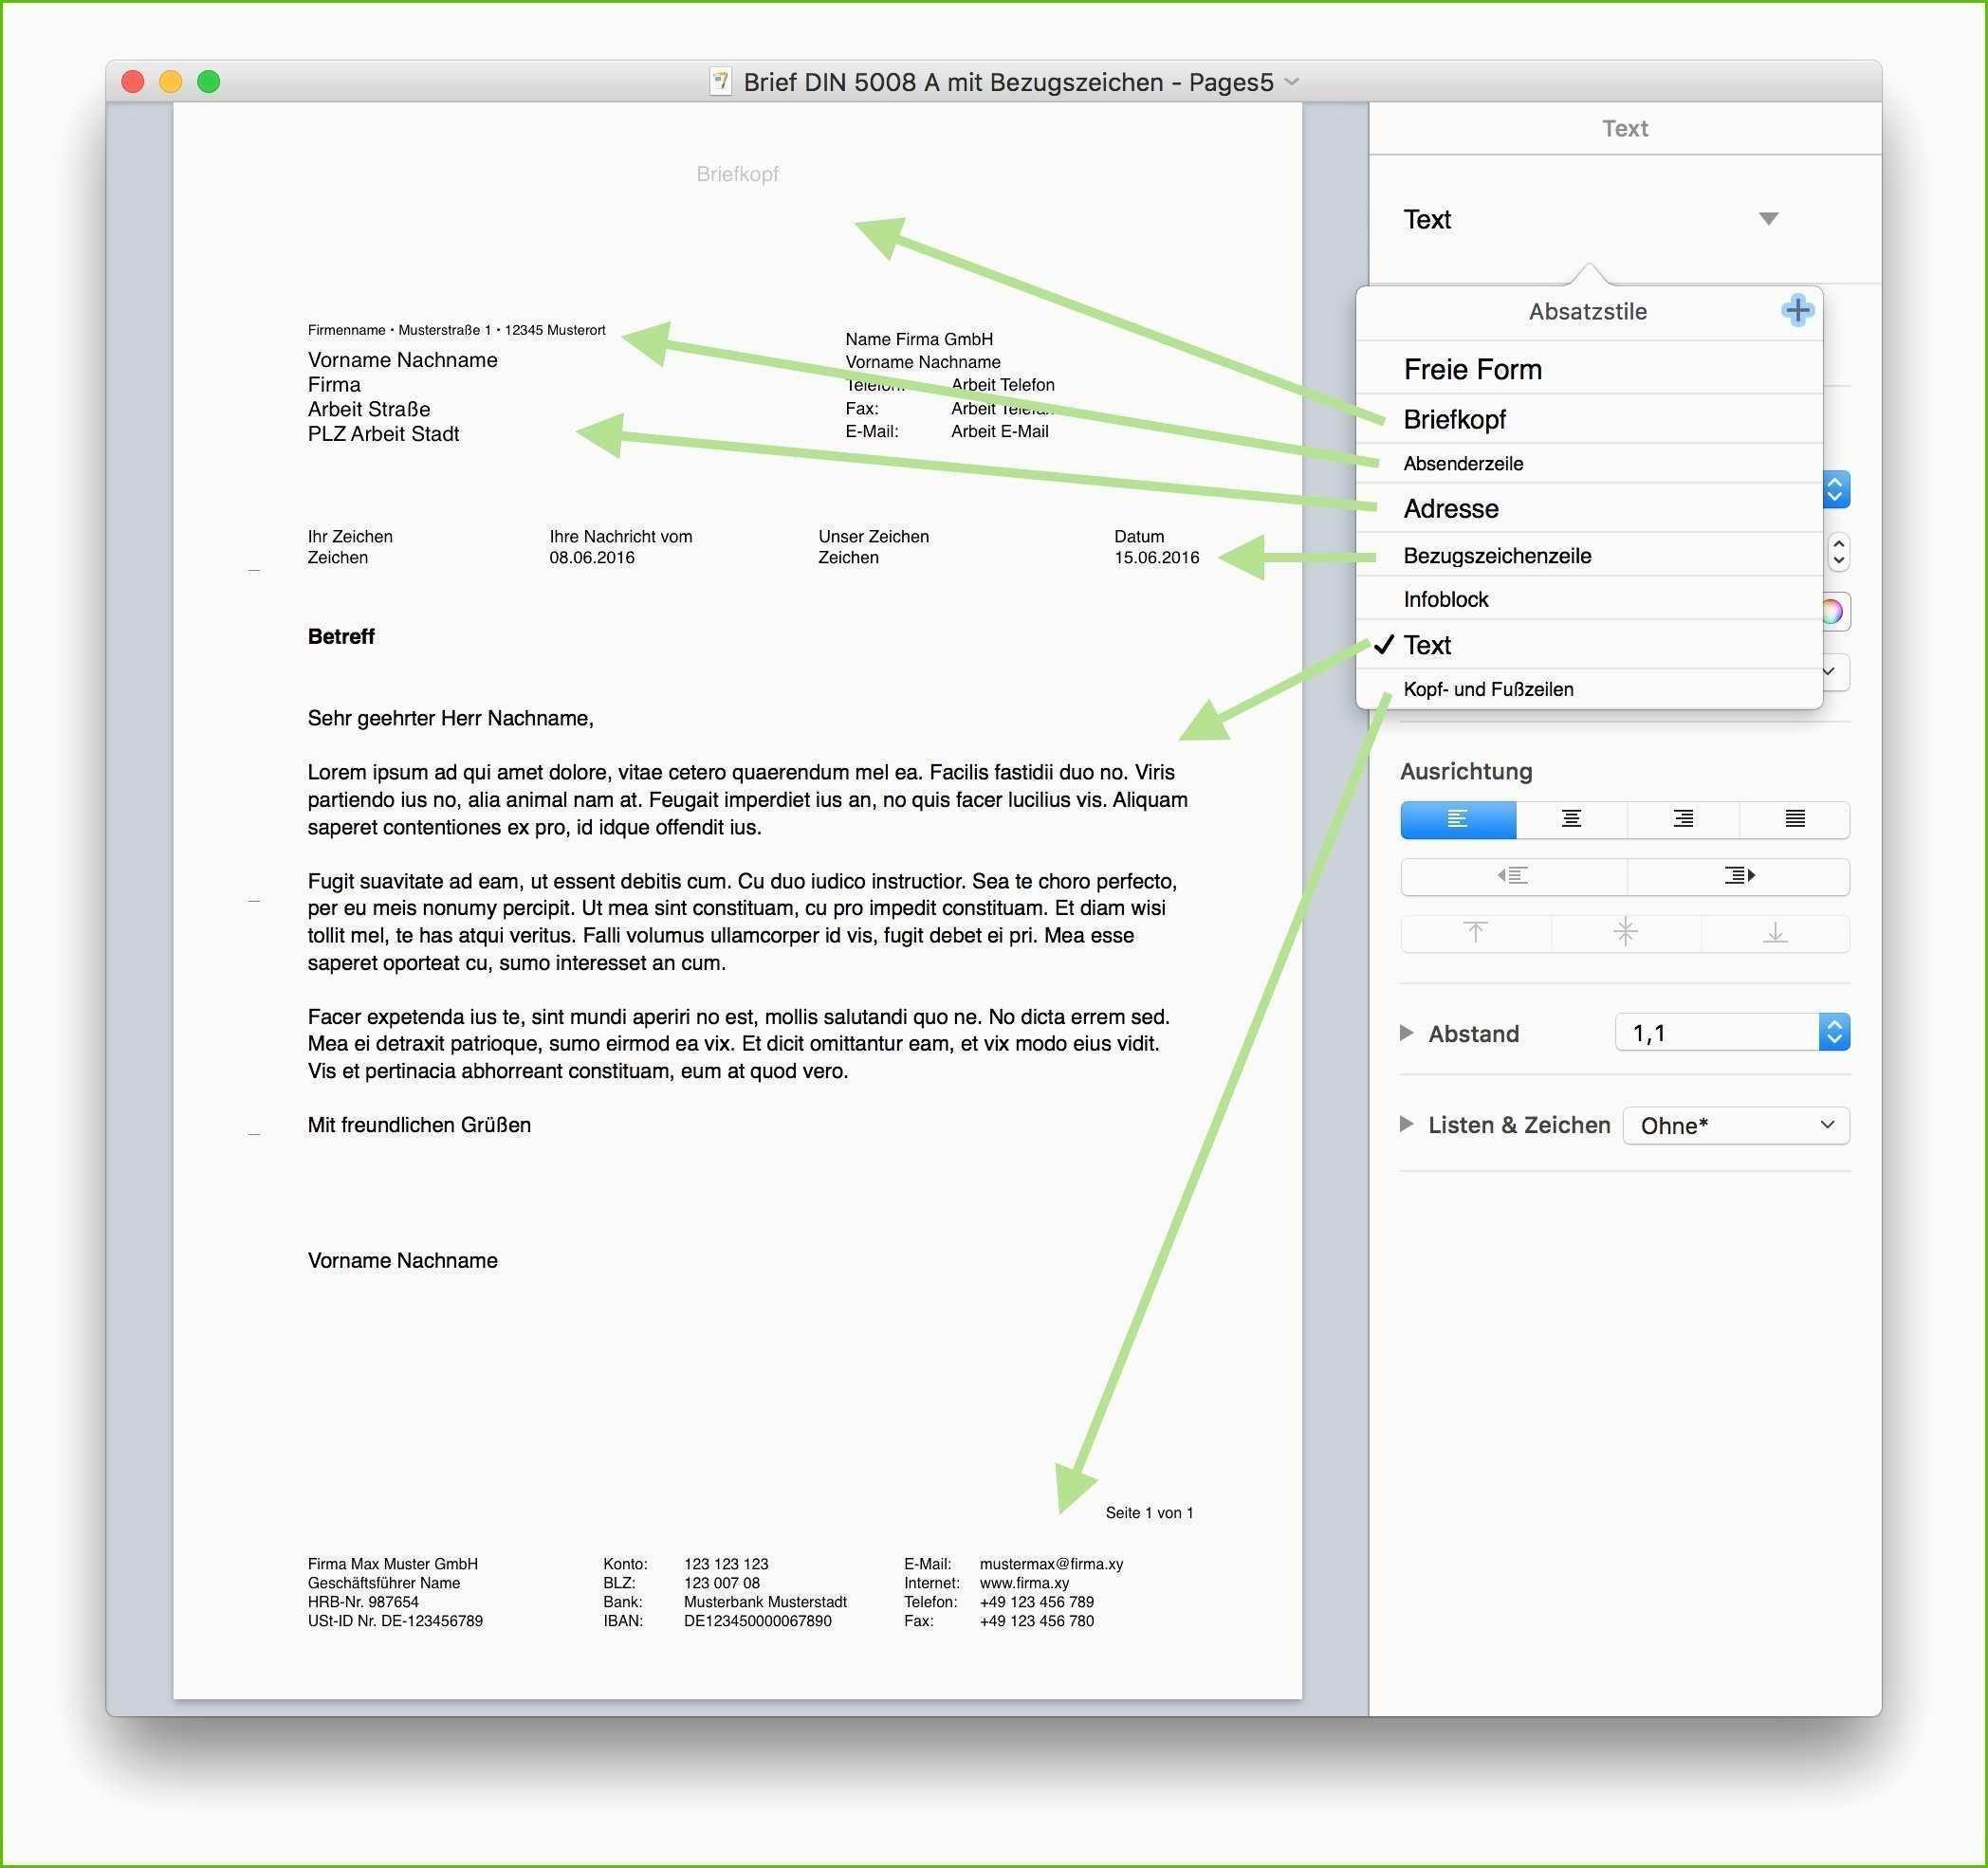 Frisch Din 5008 Bewerbung Vorlage Word Briefprobe Briefformat Briefvorlage Briefvorlage Word Vorlagen Word Vorlagen